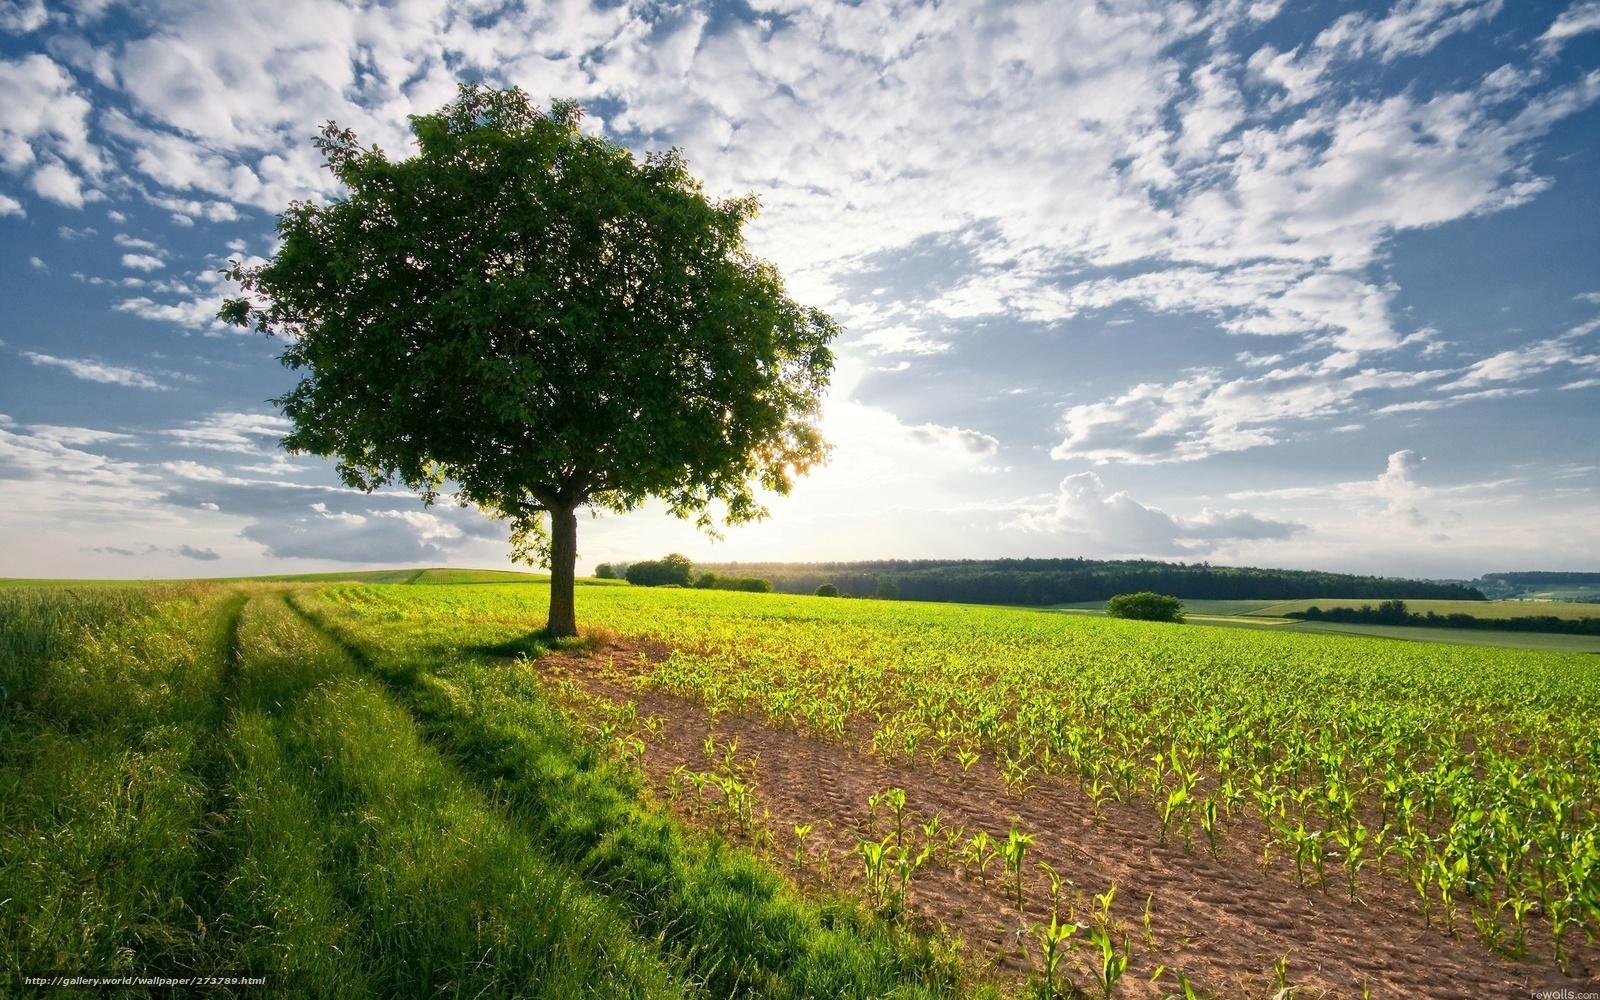 tlcharger fond decran champ arbre ciel nuages fonds decran gratuits pour votre rsolution du bureau 2560x1600 image 273789 - Arbre Ciel